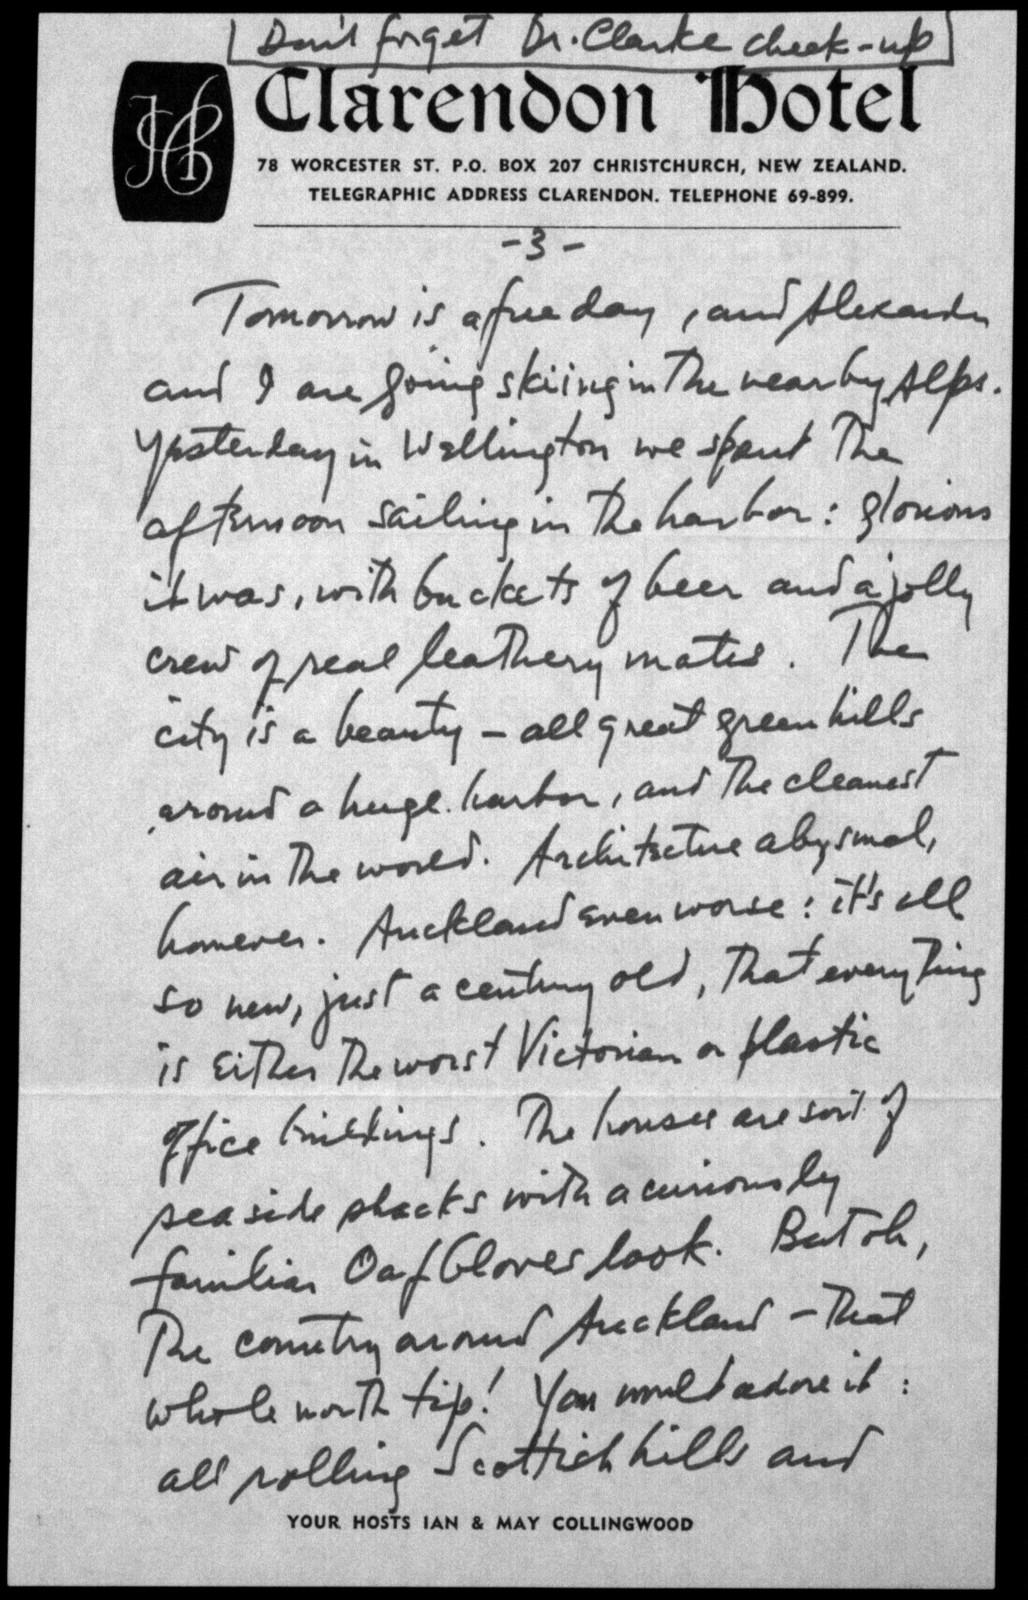 Letter from Leonard Bernstein to Felicia Bernstein, August 21, 1974